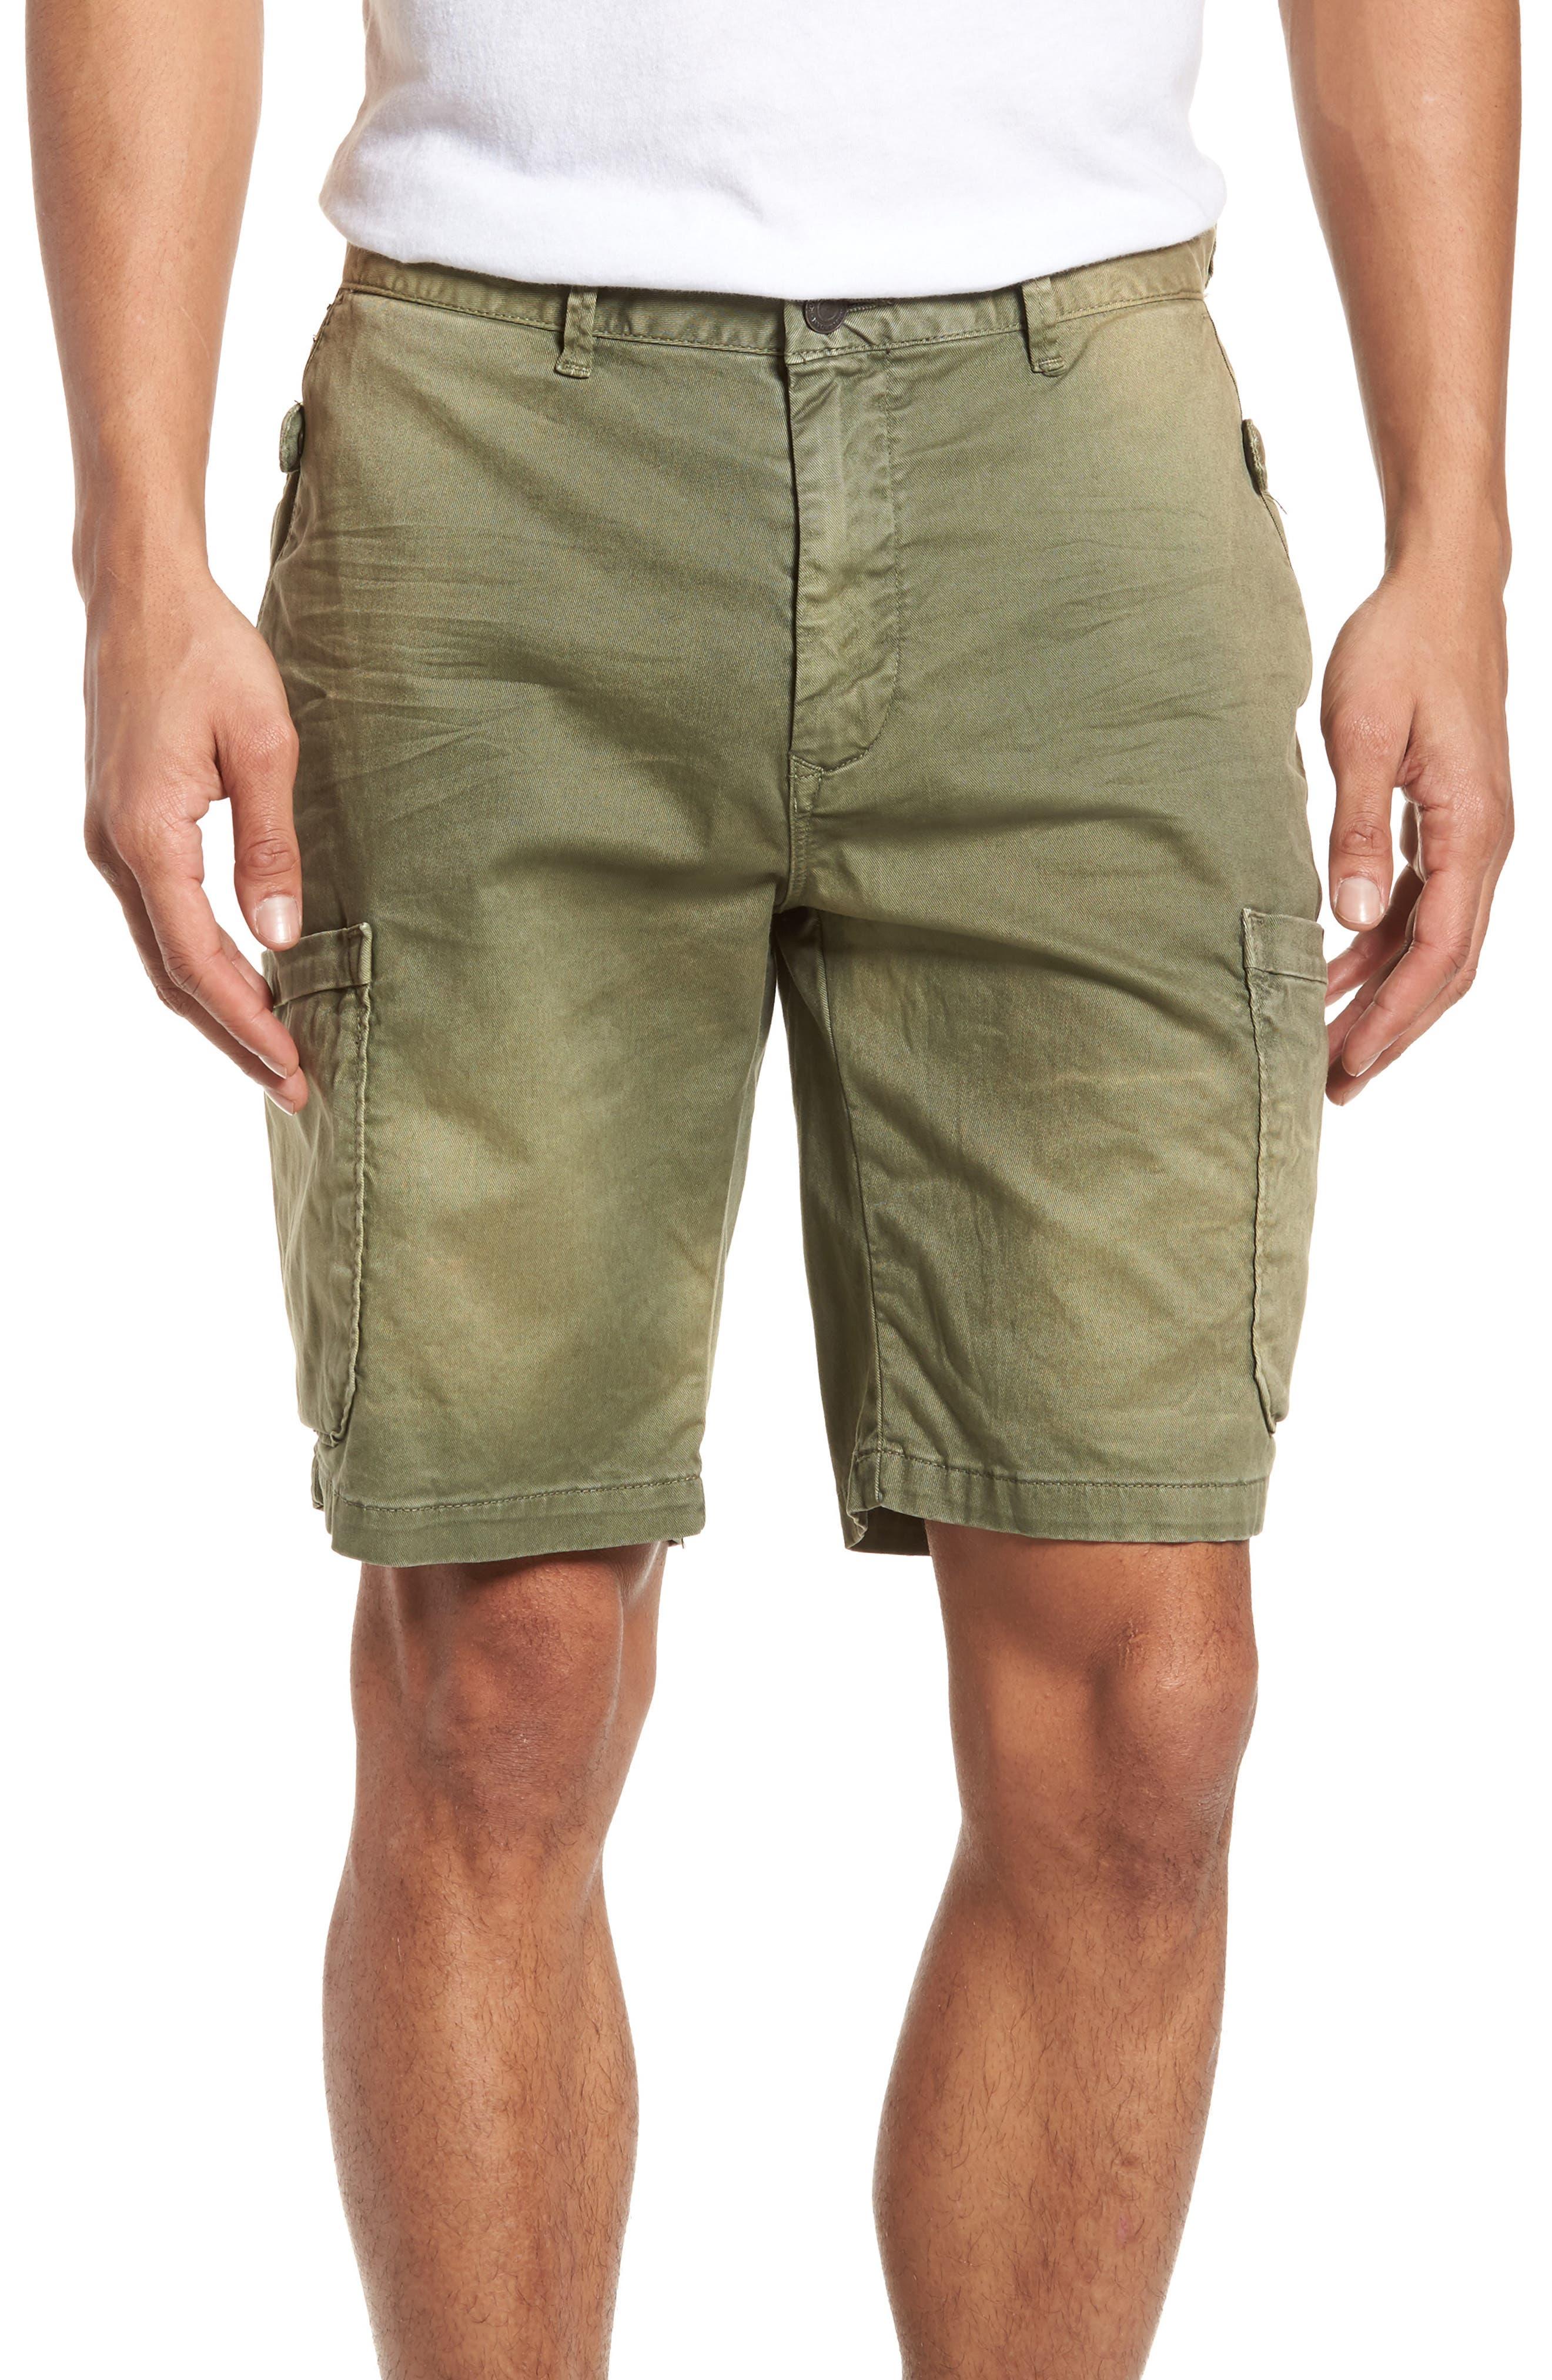 Washed Cargo Shorts,                             Main thumbnail 1, color,                             310